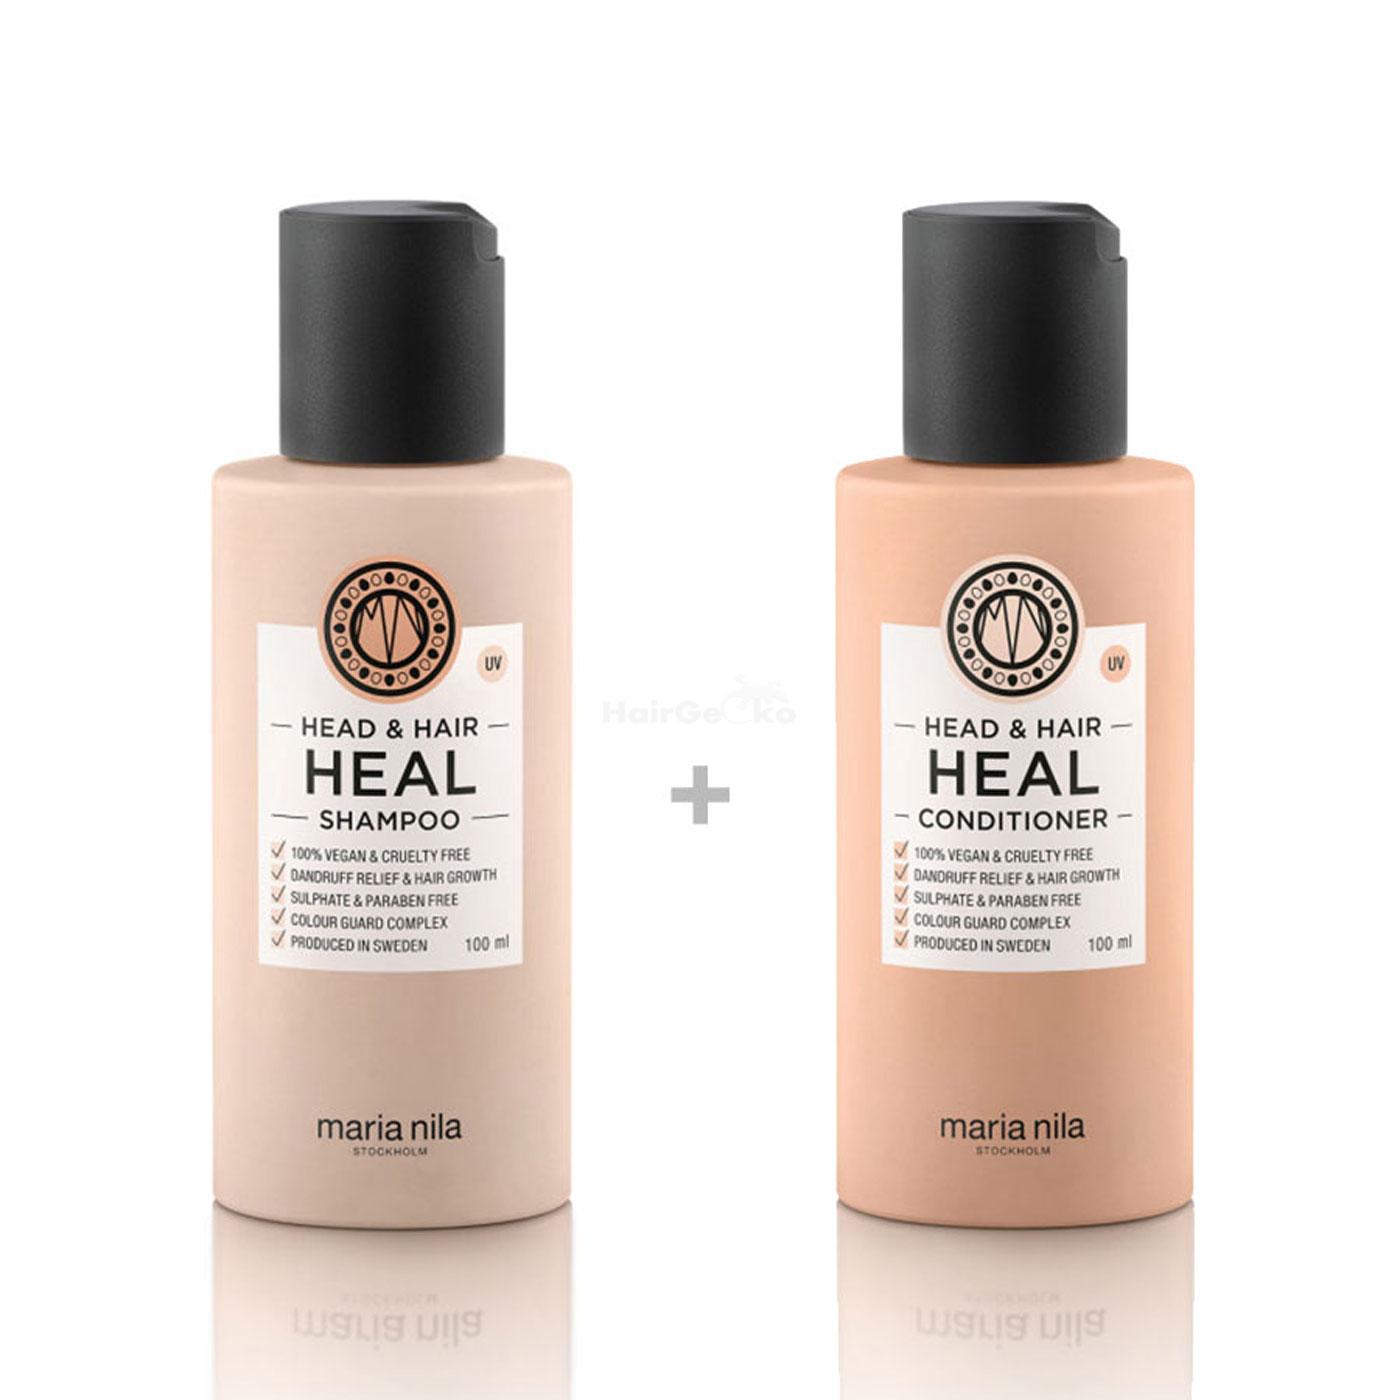 Maria Nila Head & Hair Heal Set - Shampoo 100 ml + Conditioner 100 ml